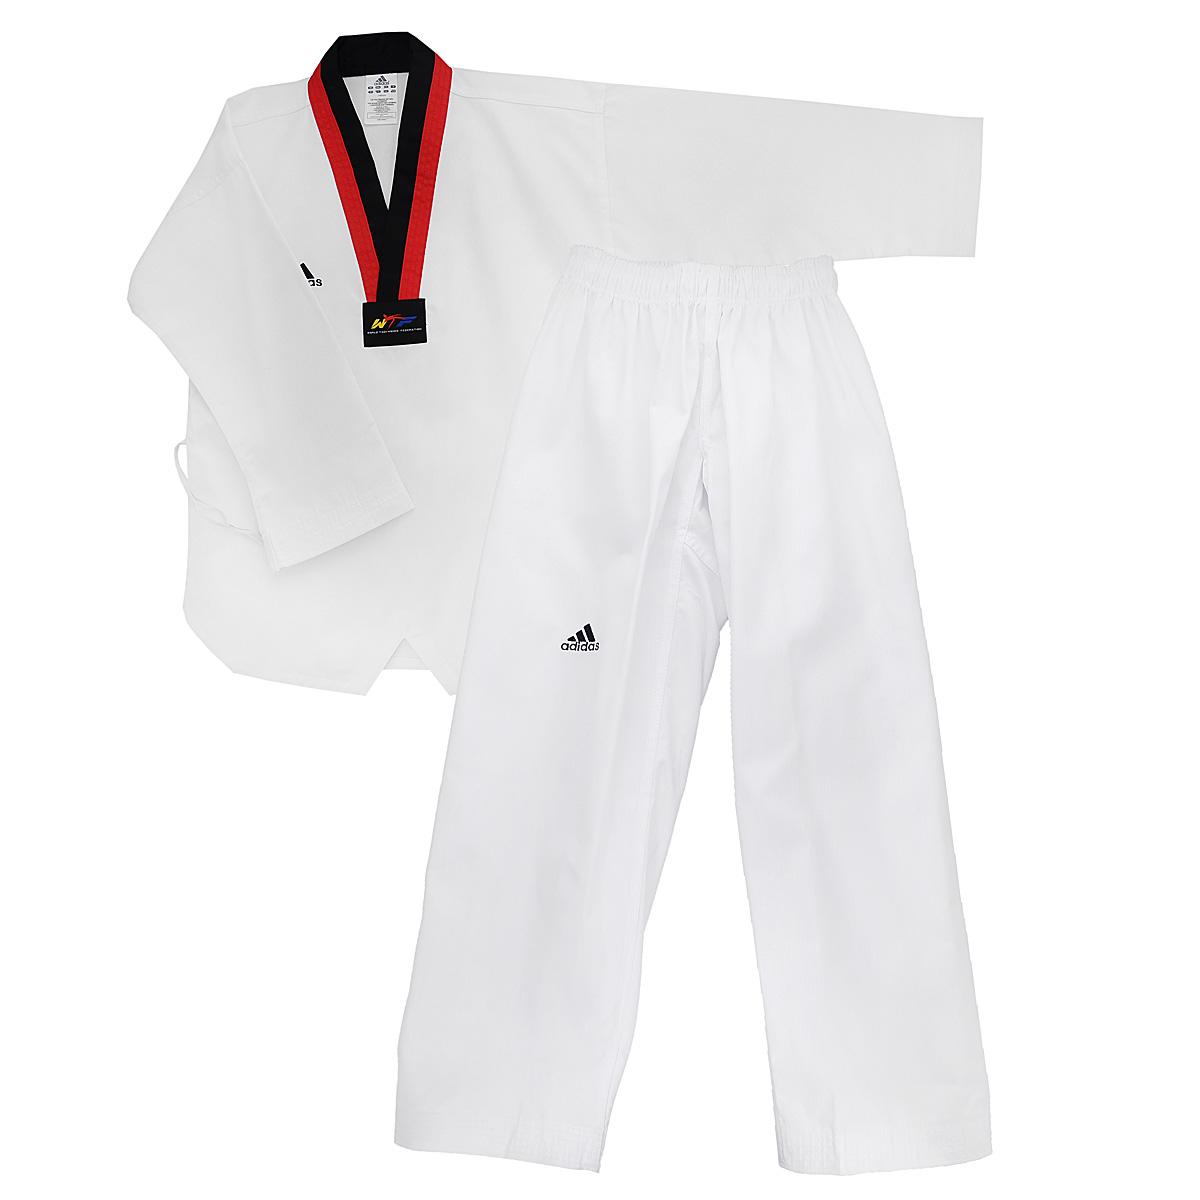 Кимоно для таэквондоadiTS01-WH/RD-BKКимоно для тхэквондо adidas Taekwondo Adi-Start состоит из рубашки и брюк. Просторная рубашка без пояса с V-образным вырезом горловин, боковыми разрезами и длинными рукавами изготовлена из плотного полиэстера с добавлением хлопка. Боковые швы, края рукавов и полочка укреплены дополнительными строчками. В области талии по спинке рубашка дополнена эластичной резинкой для регулирования ширины. Просторные брюки особого покроя имеют широкий эластичный пояс, регулируемый скрытым шнурком. Низ брючин с внутренней стороны укреплен дополнительными строчками. Кимоно рекомендуется для тренировок в зале.